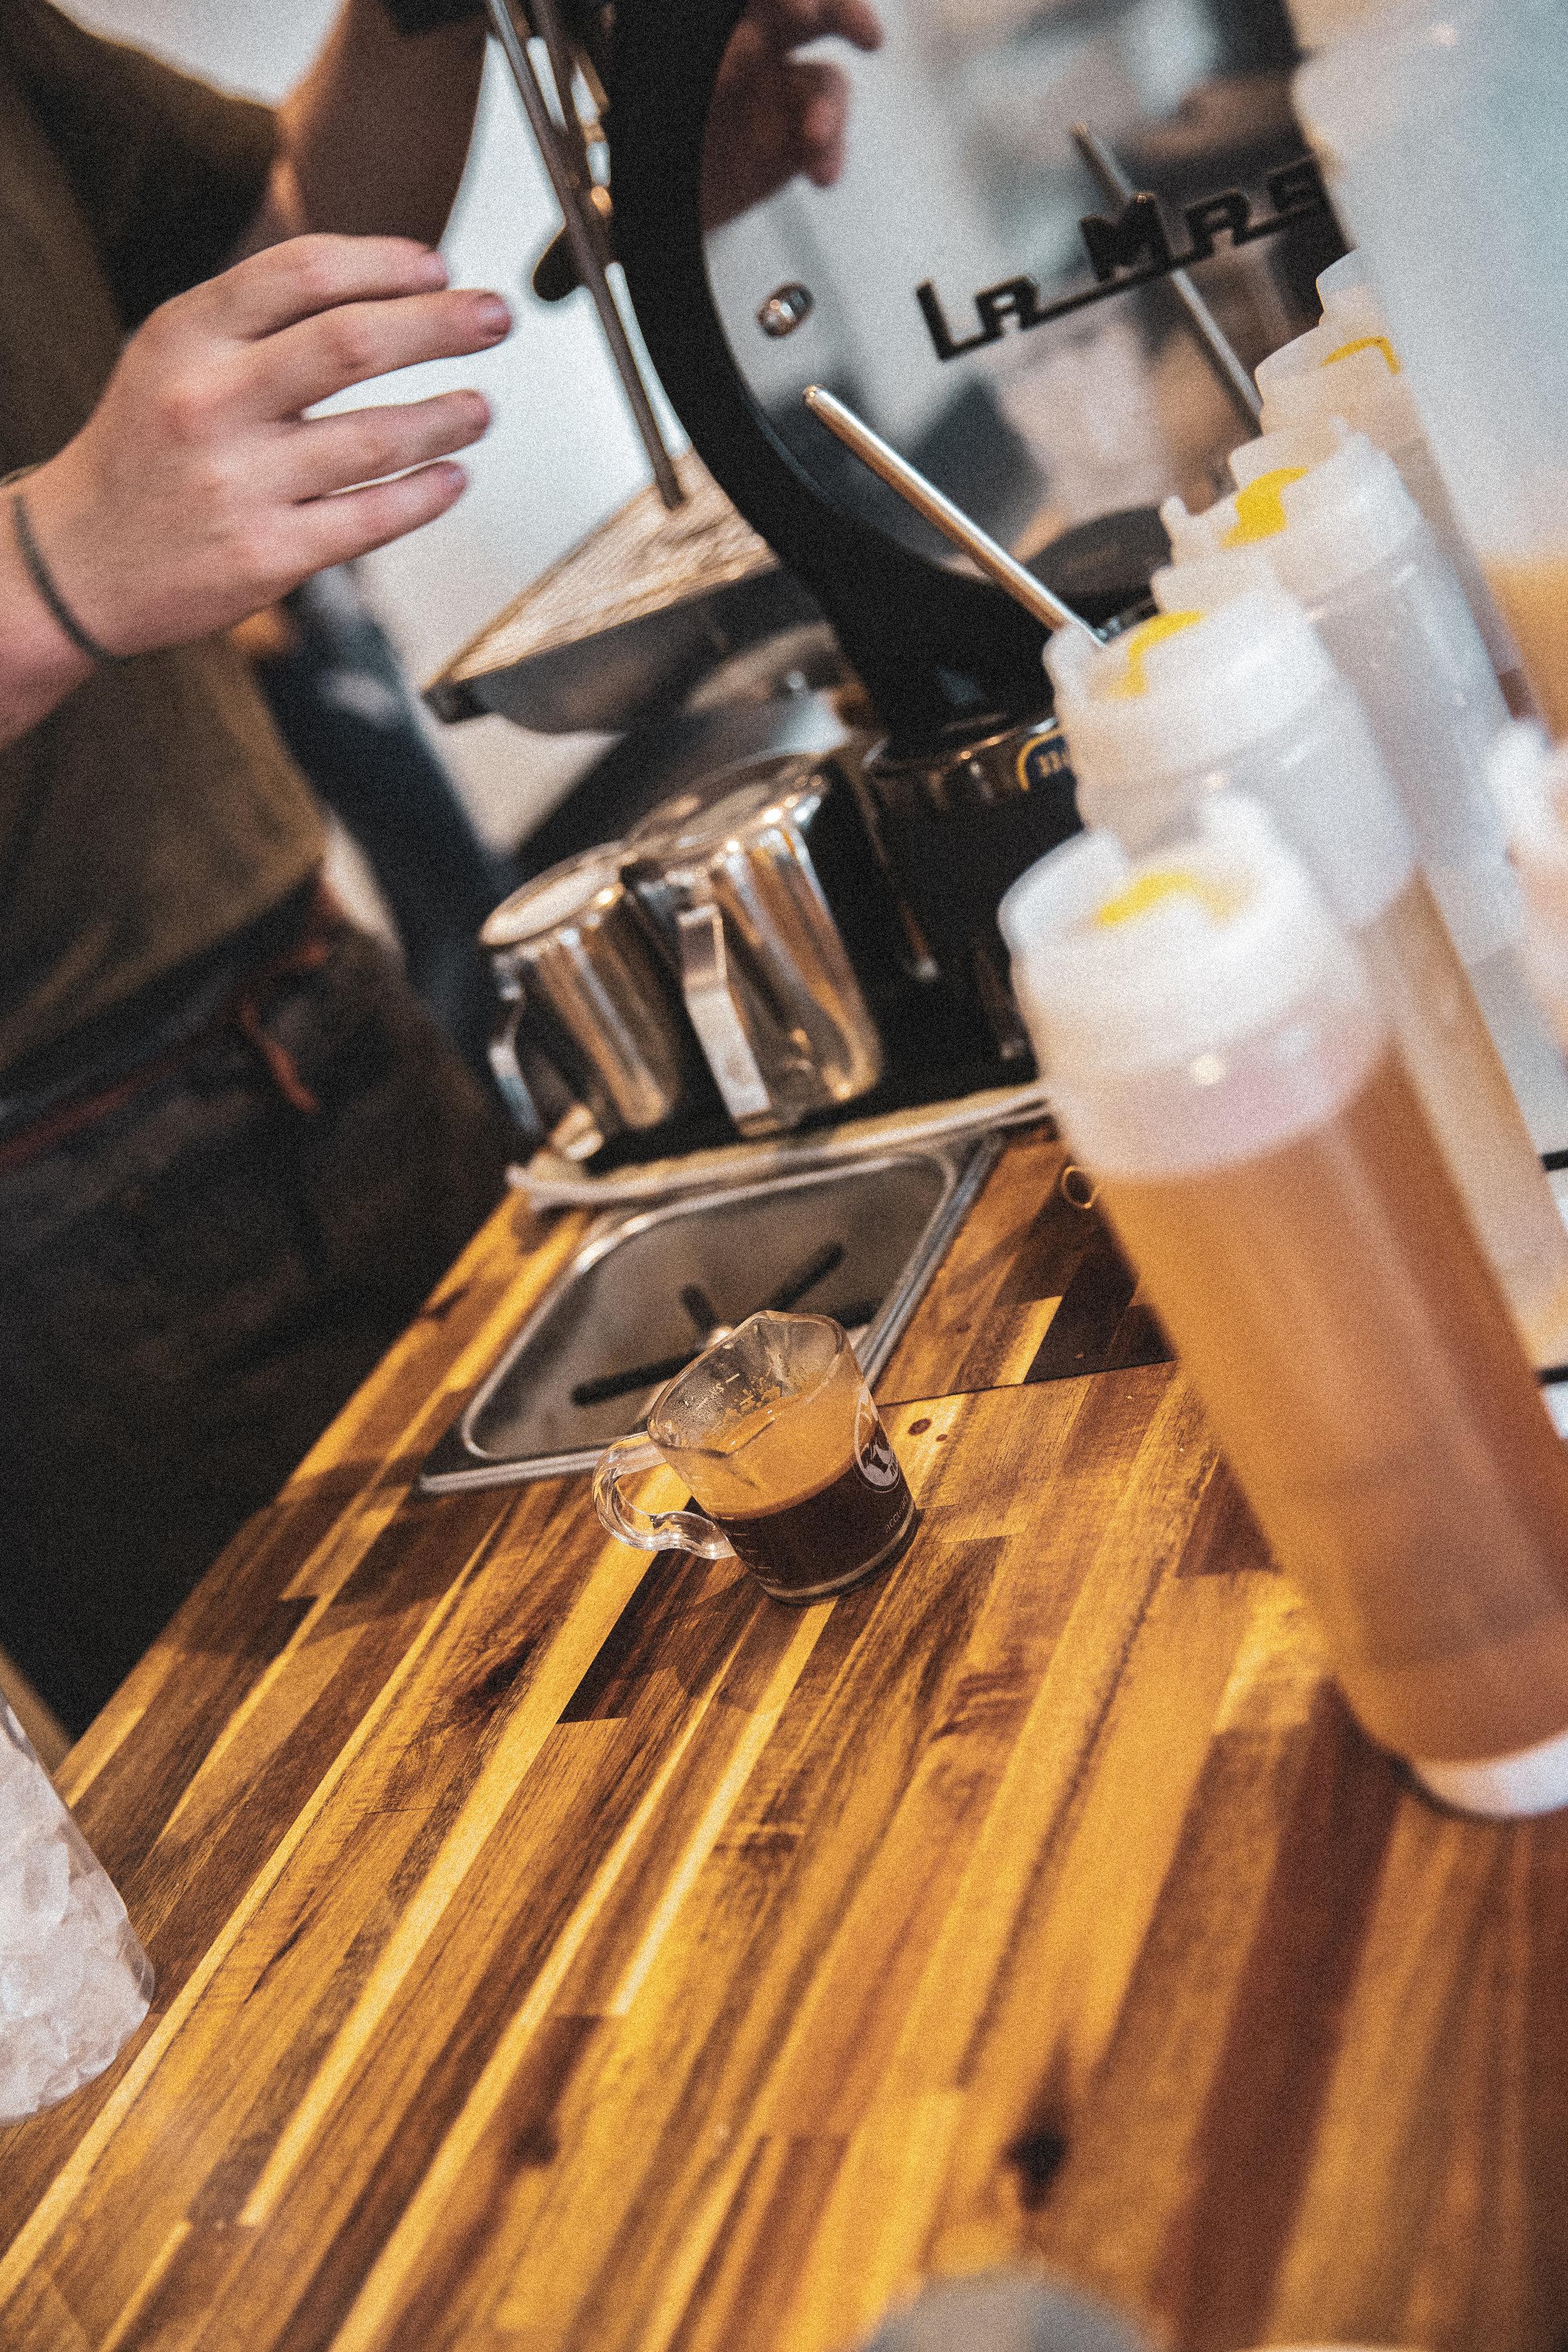 coffeeshop-photography-9I0652.jpg